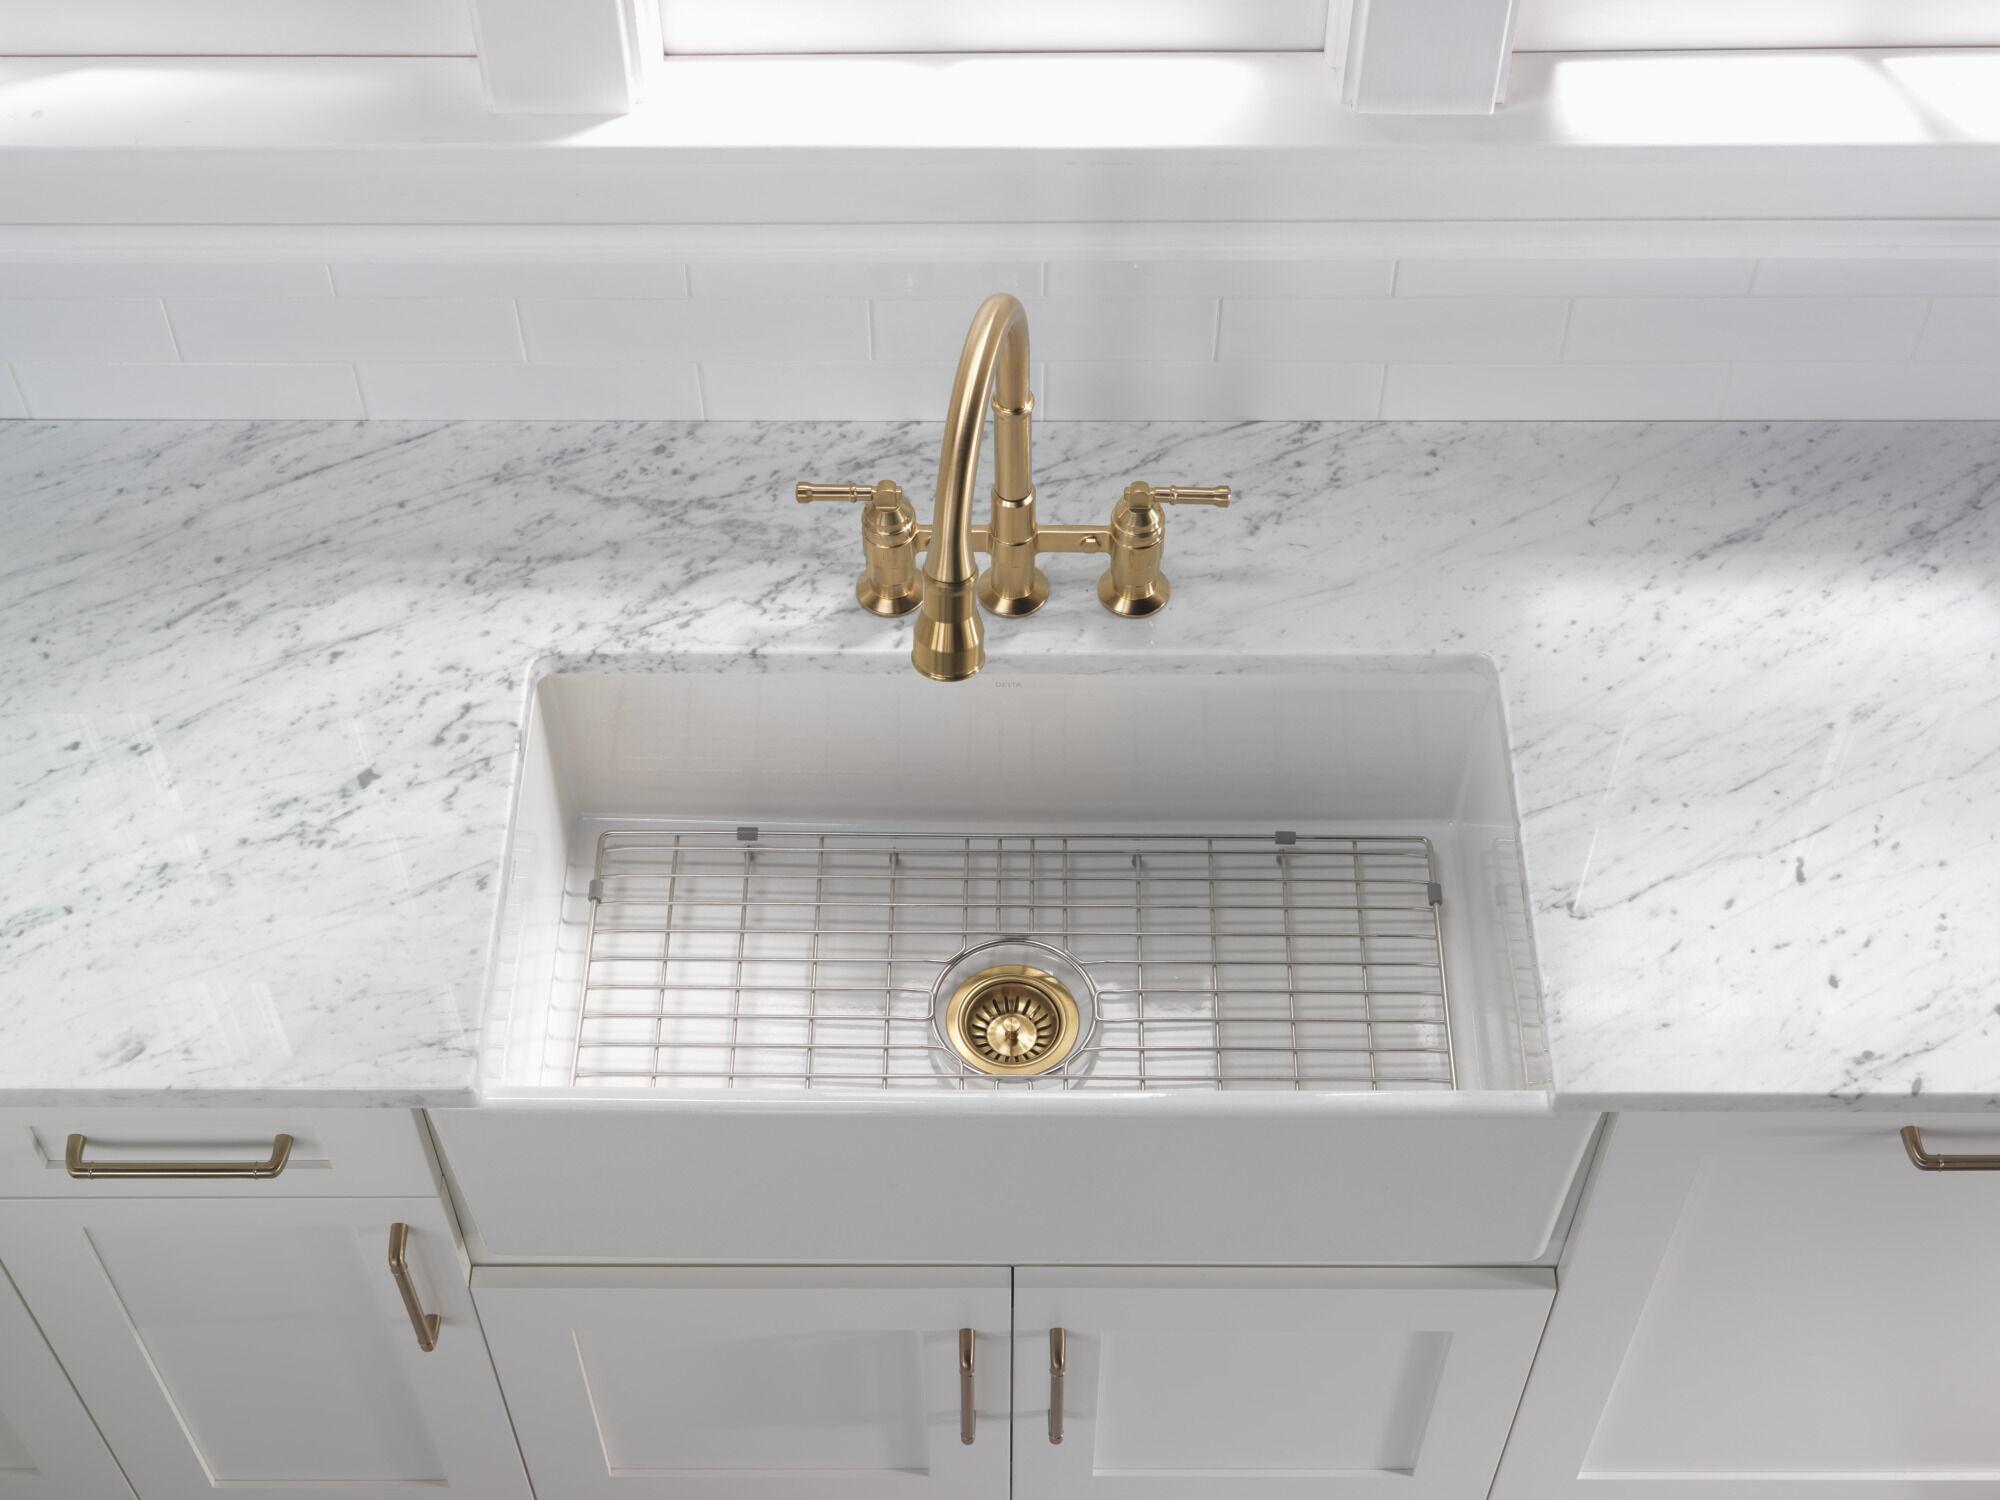 kitchen sink flange and strainer